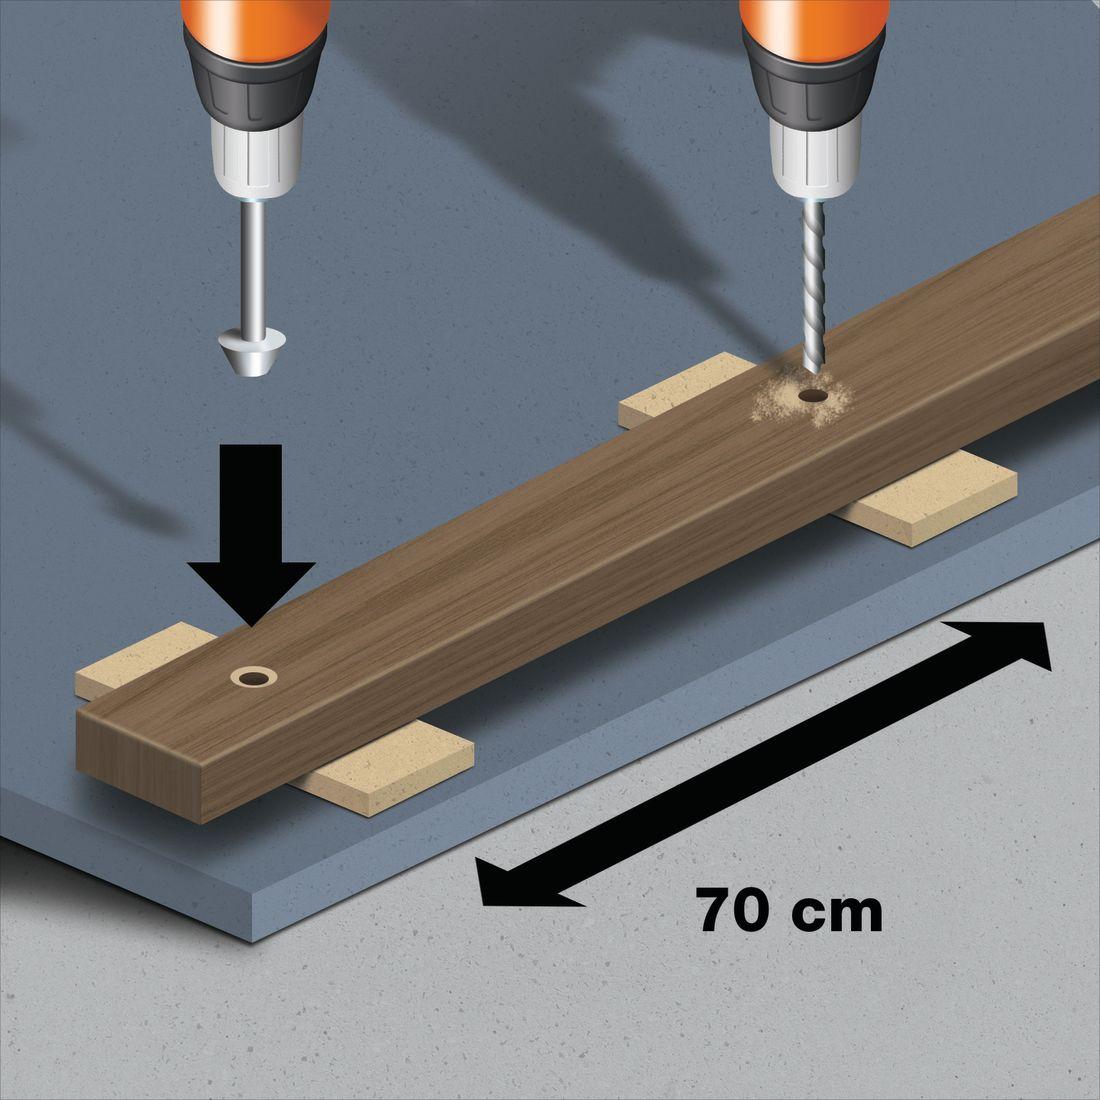 Pavimento in legno fai da te - Pavimento in legno per esterno fai da te ...